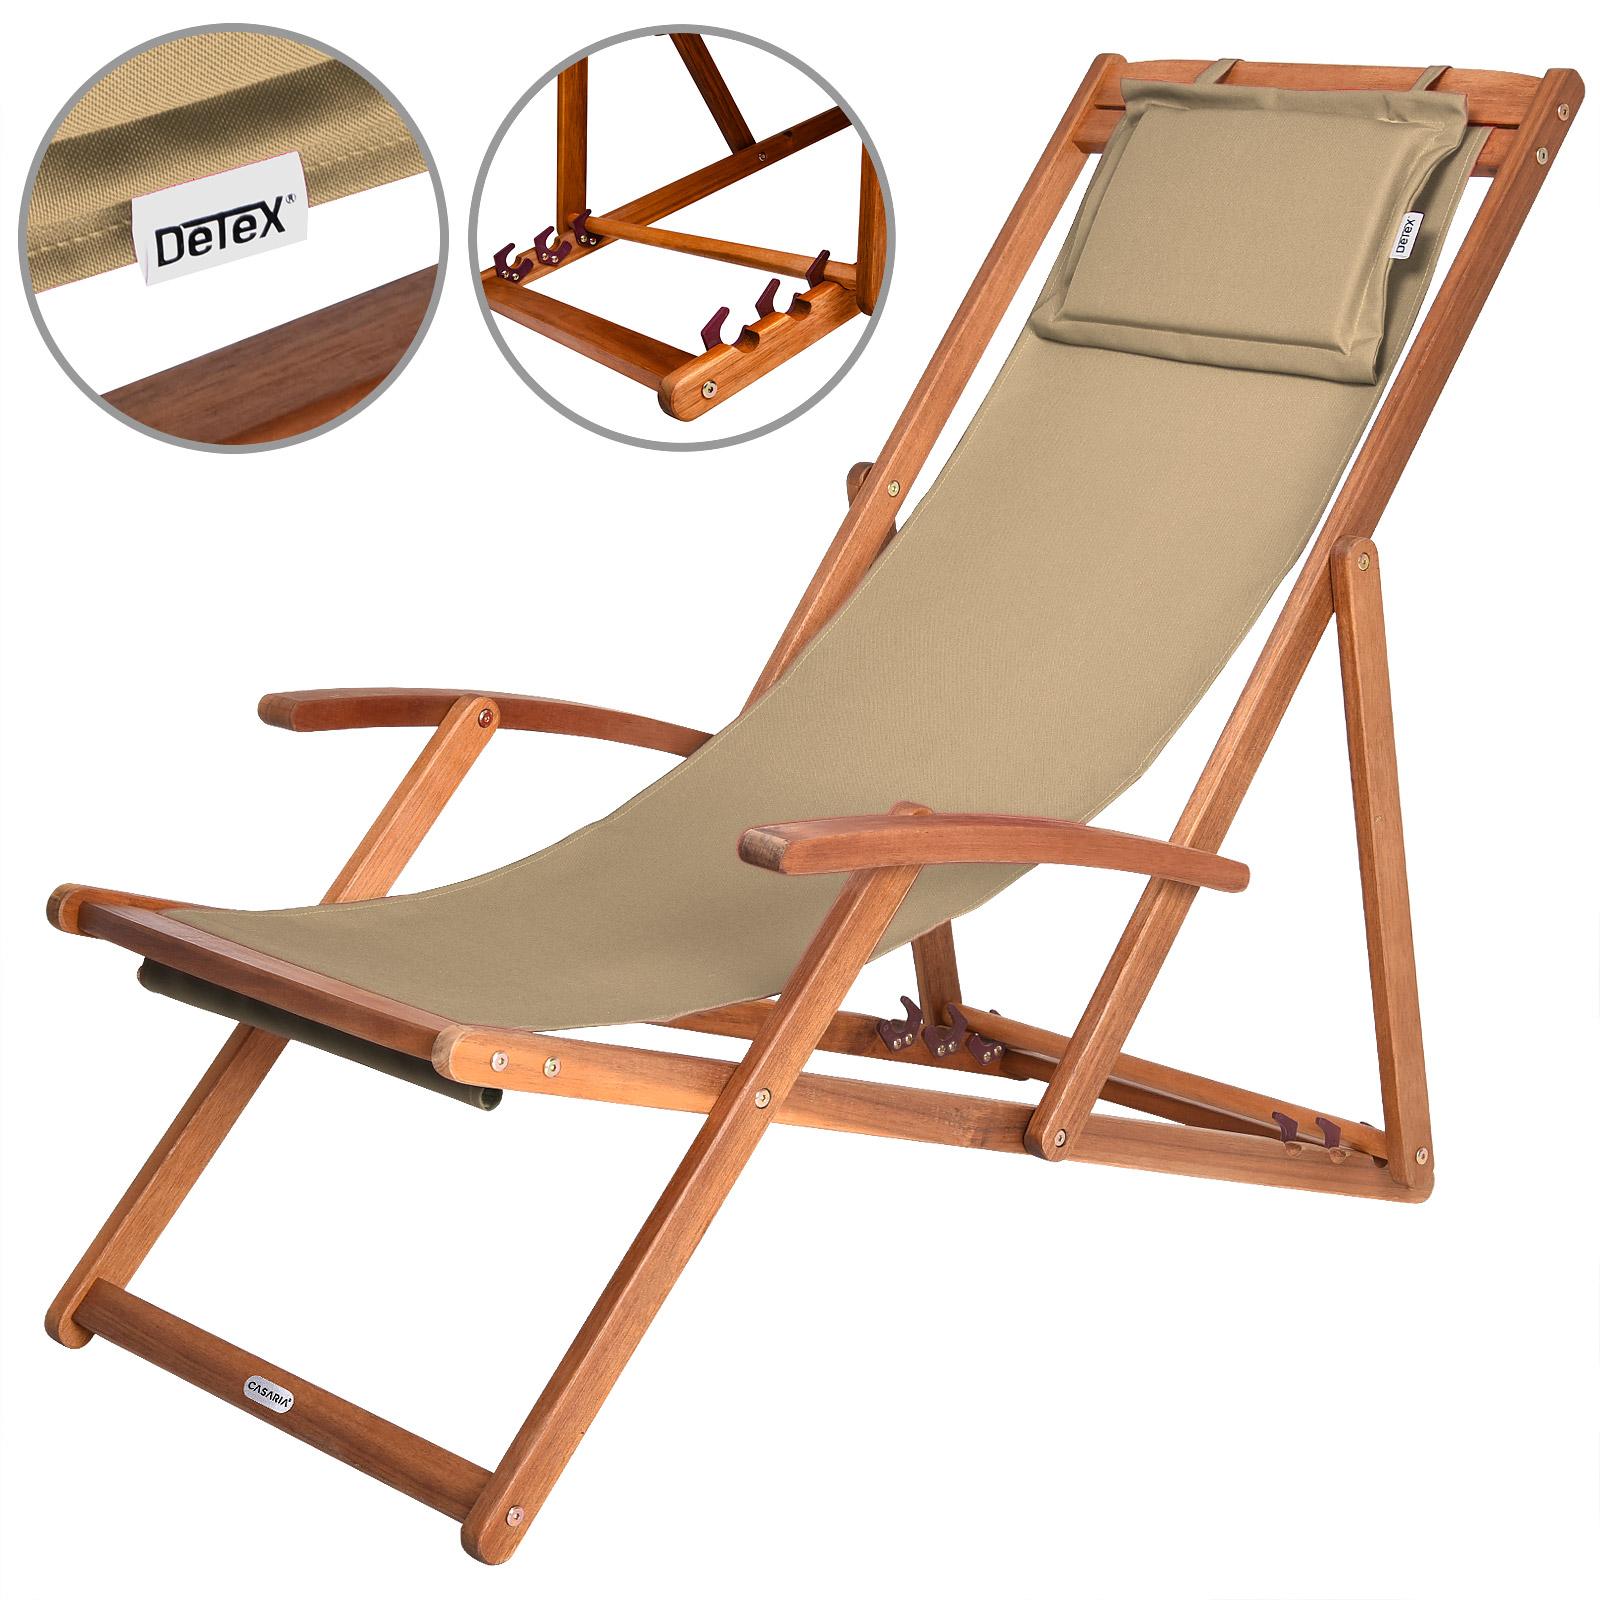 liegestuhl sonnenliege holz gartenliege strandliege liege relaxliege deckchair ebay. Black Bedroom Furniture Sets. Home Design Ideas